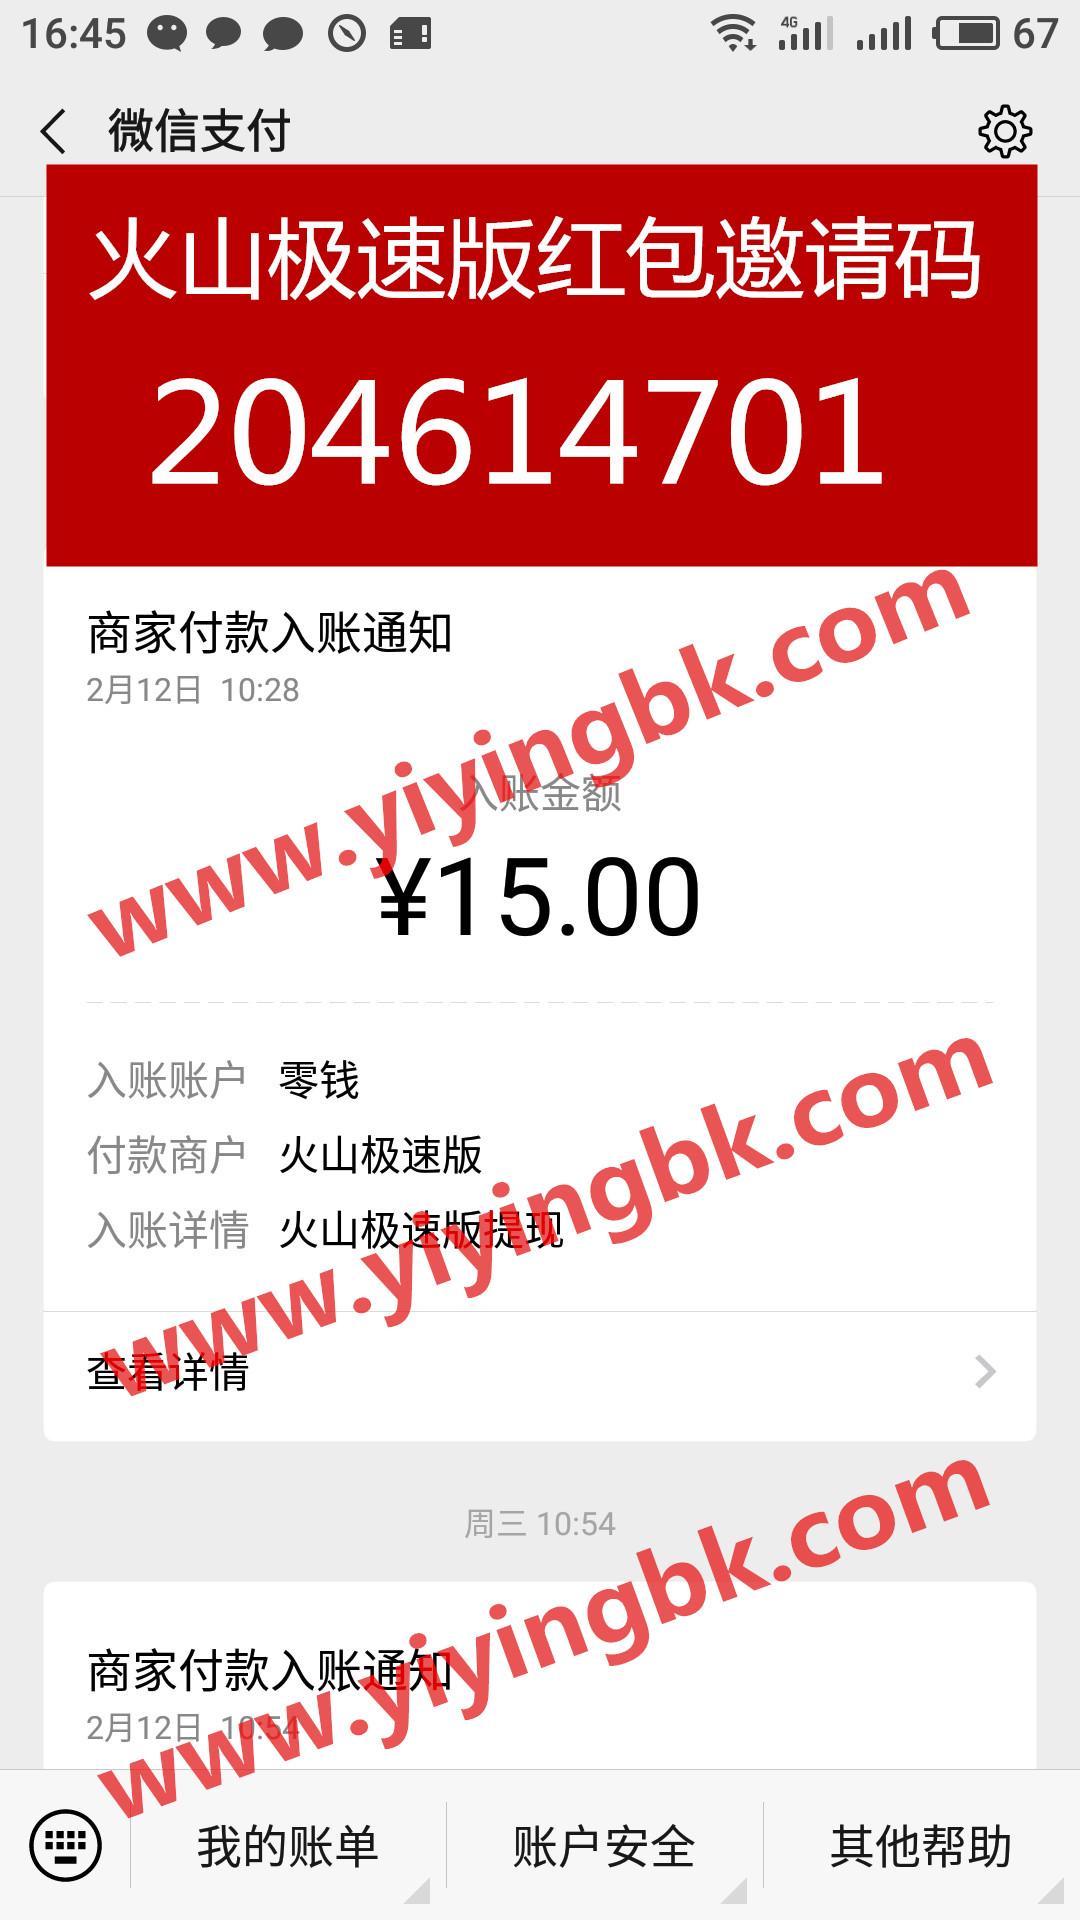 火山极速版,看视频免费赚钱,微信提现15元支付极速到账。www.yiyingbk.com